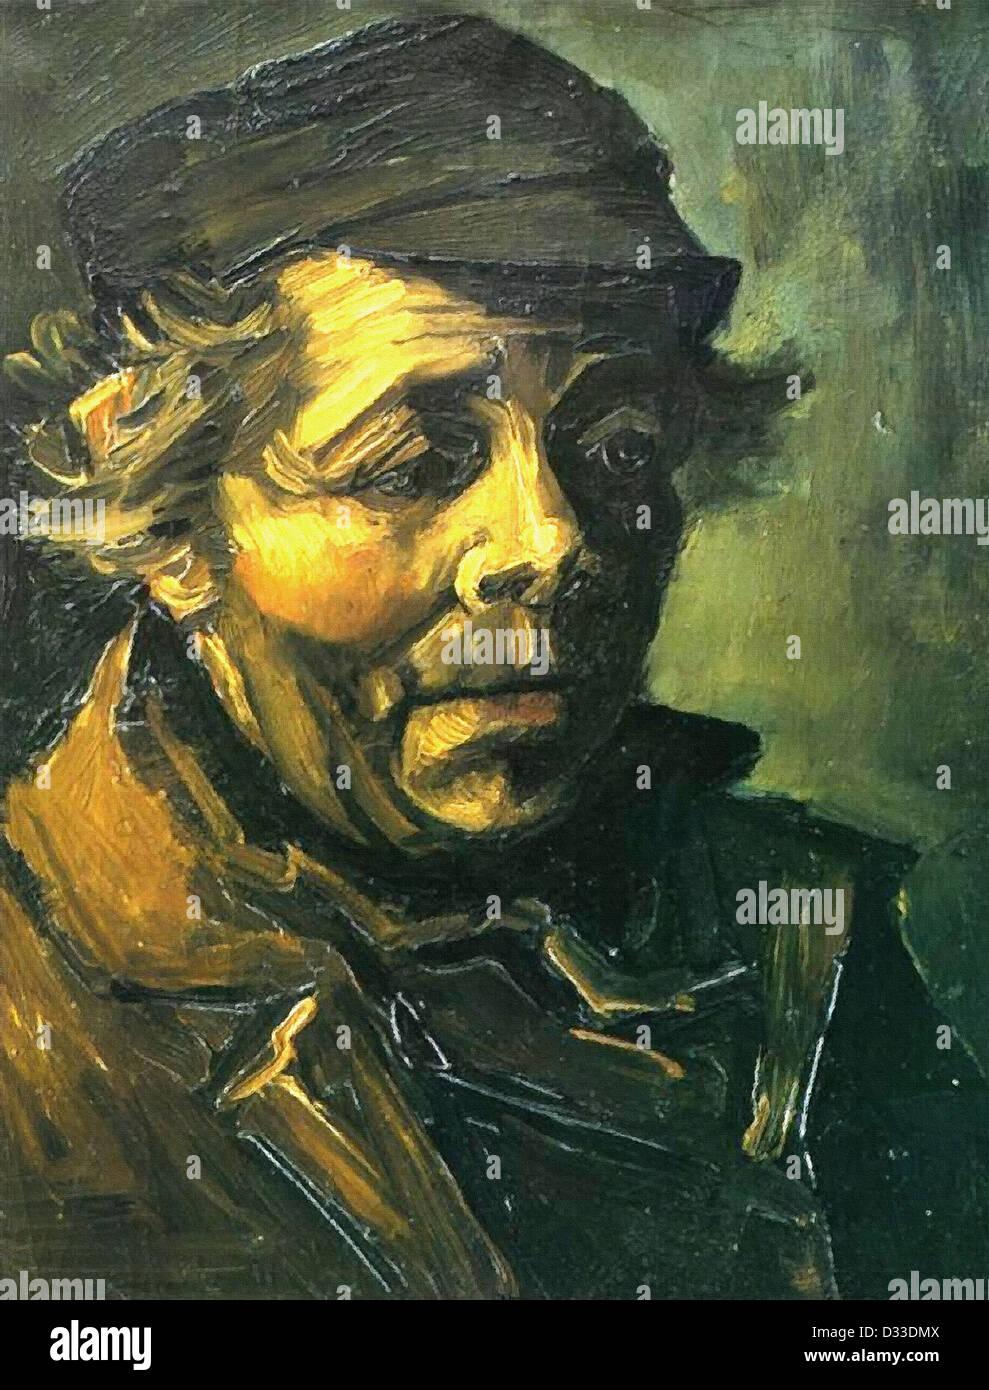 Van Gogh Comedores De Patatas | Vincent Van Gogh Cabeza De Un Campesino Estudio De Los Comedores